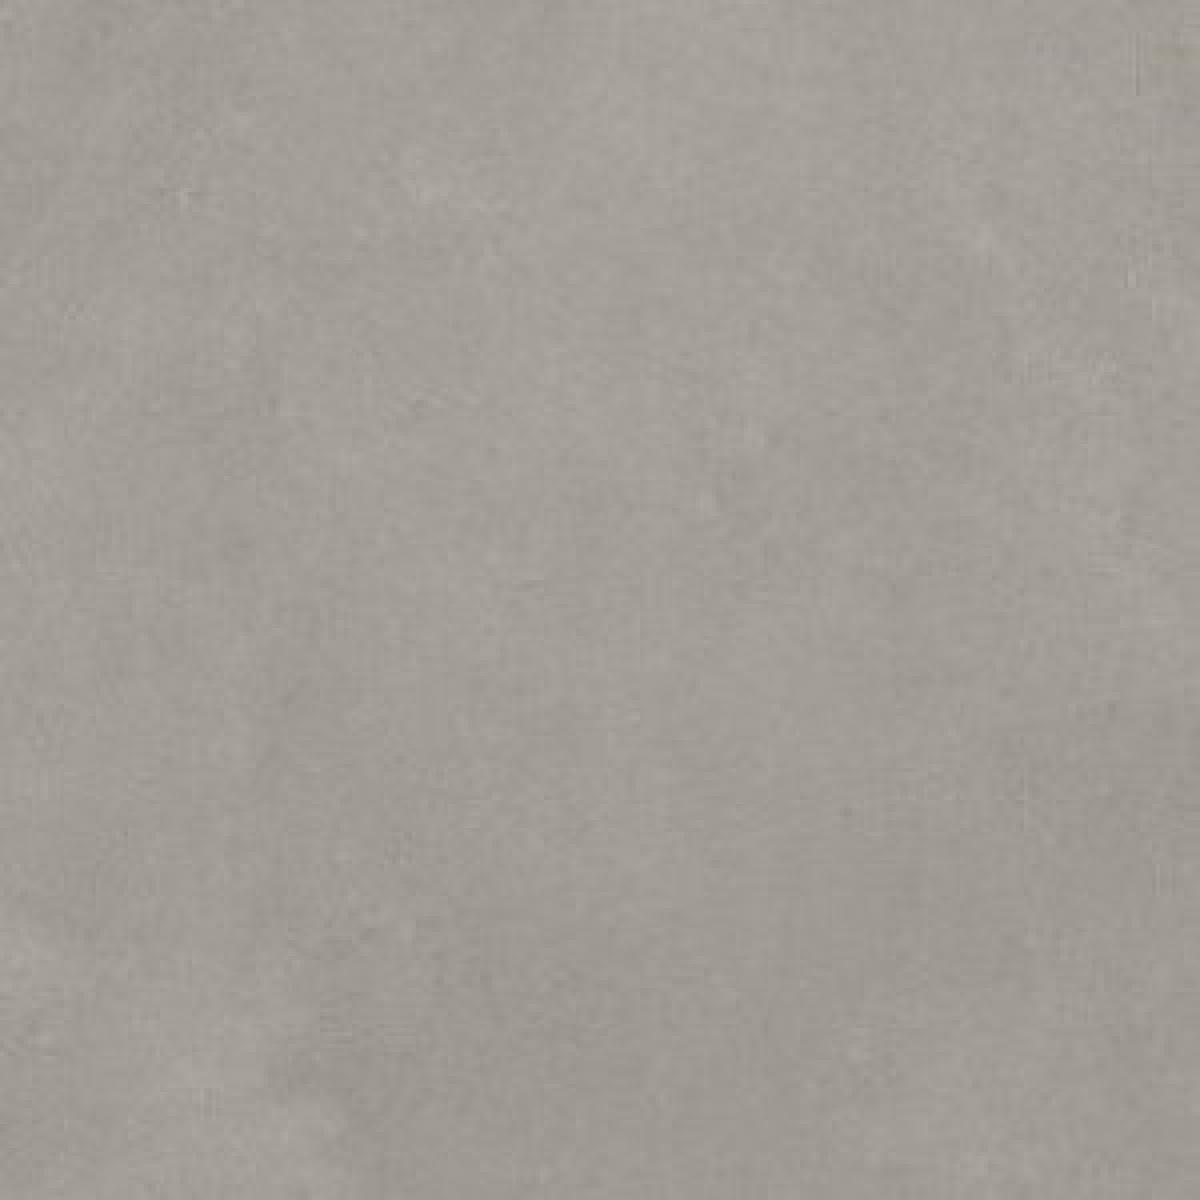 Płytka podłogowa Ceramika Limone Qubus Grey 33x33cm limQubGre33x33